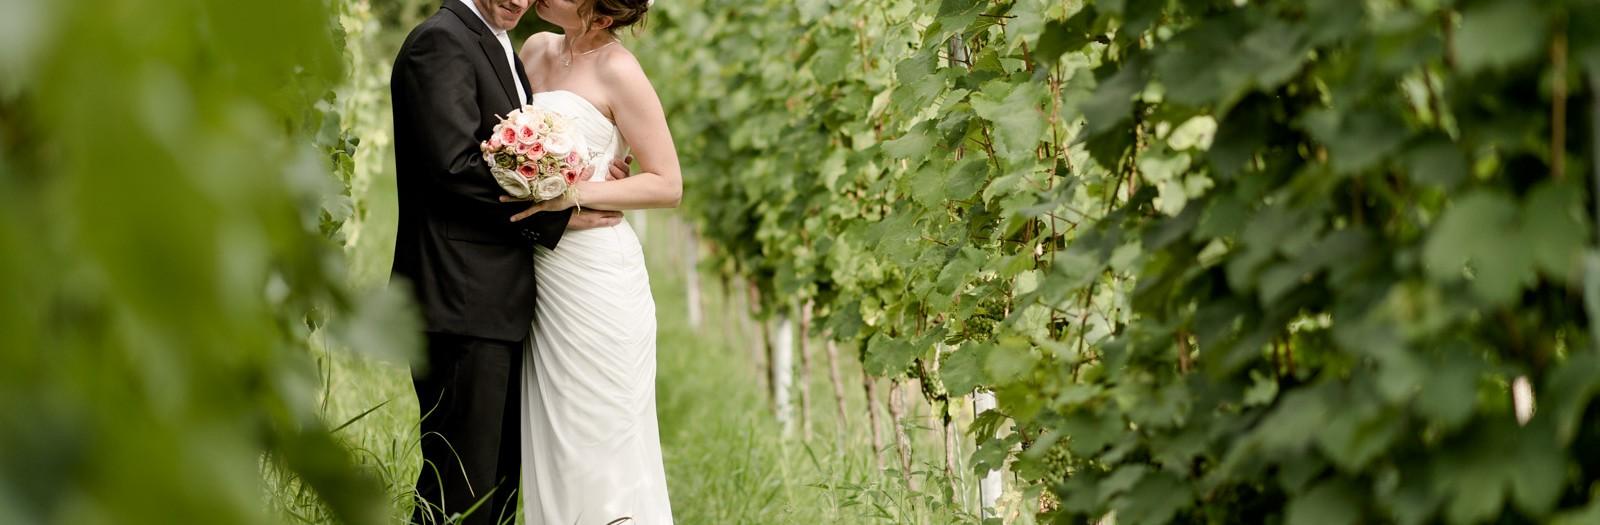 Sensationell schöne Hochzeit auf Schloss Albrechtsberg in Dresden